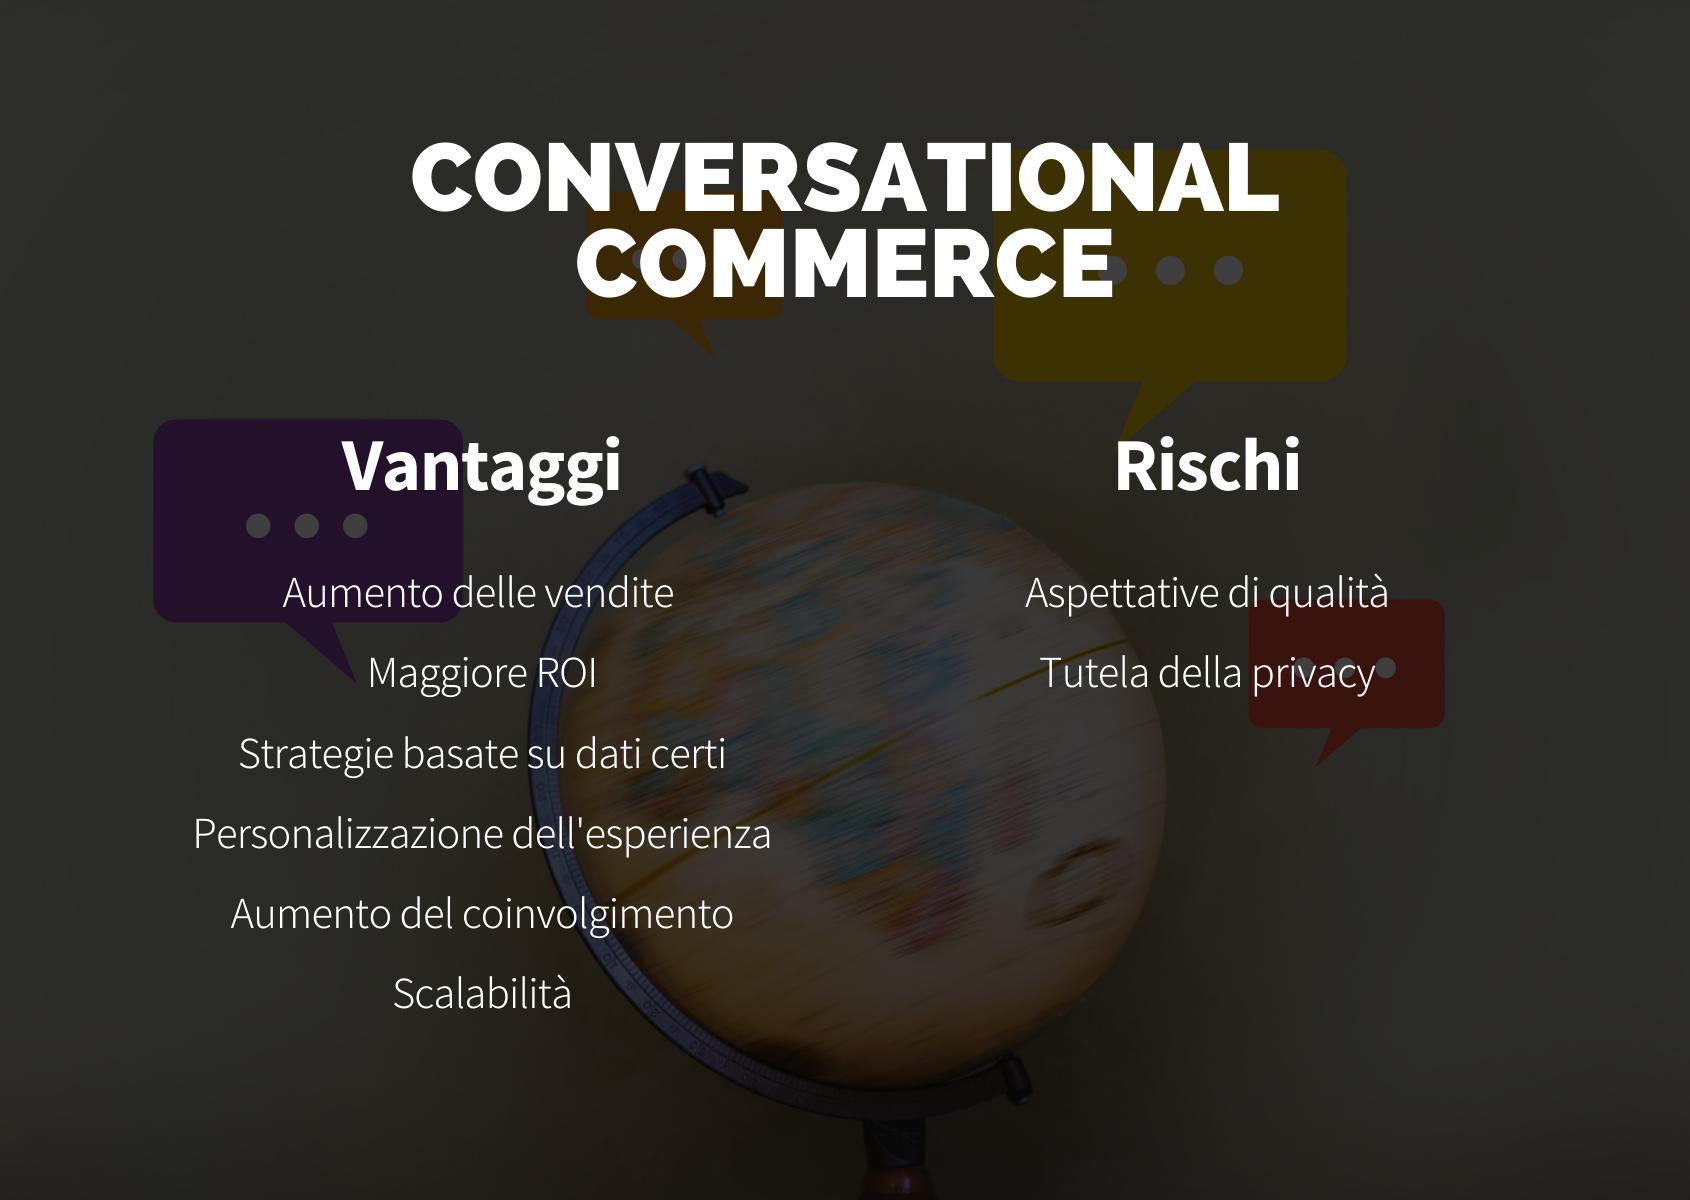 CONVERSATIONAL COMMERCE COSA SIGNIFICA E COME APPPLICARLO (1)